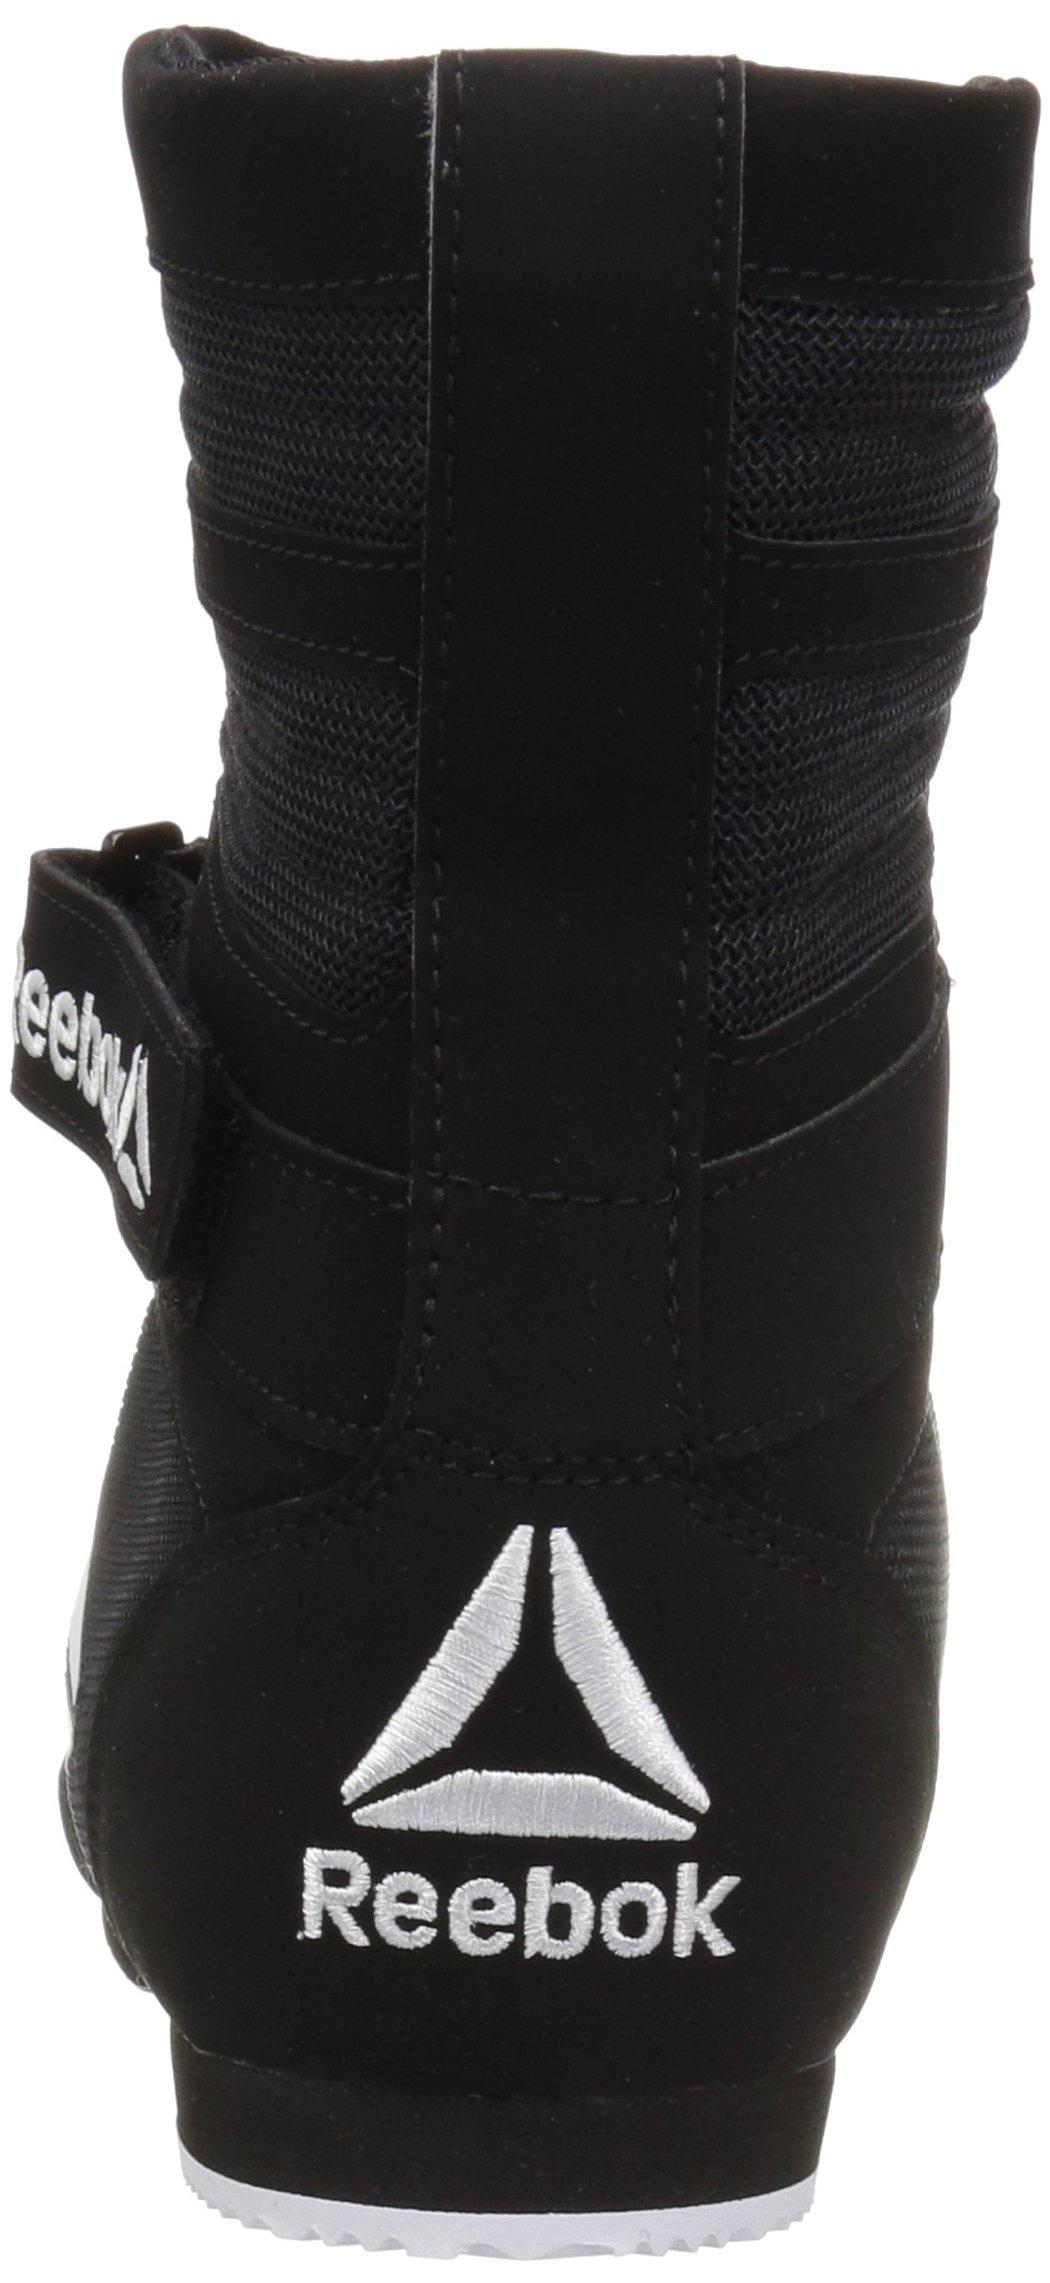 Reebok Women's Boot Boxing Shoe